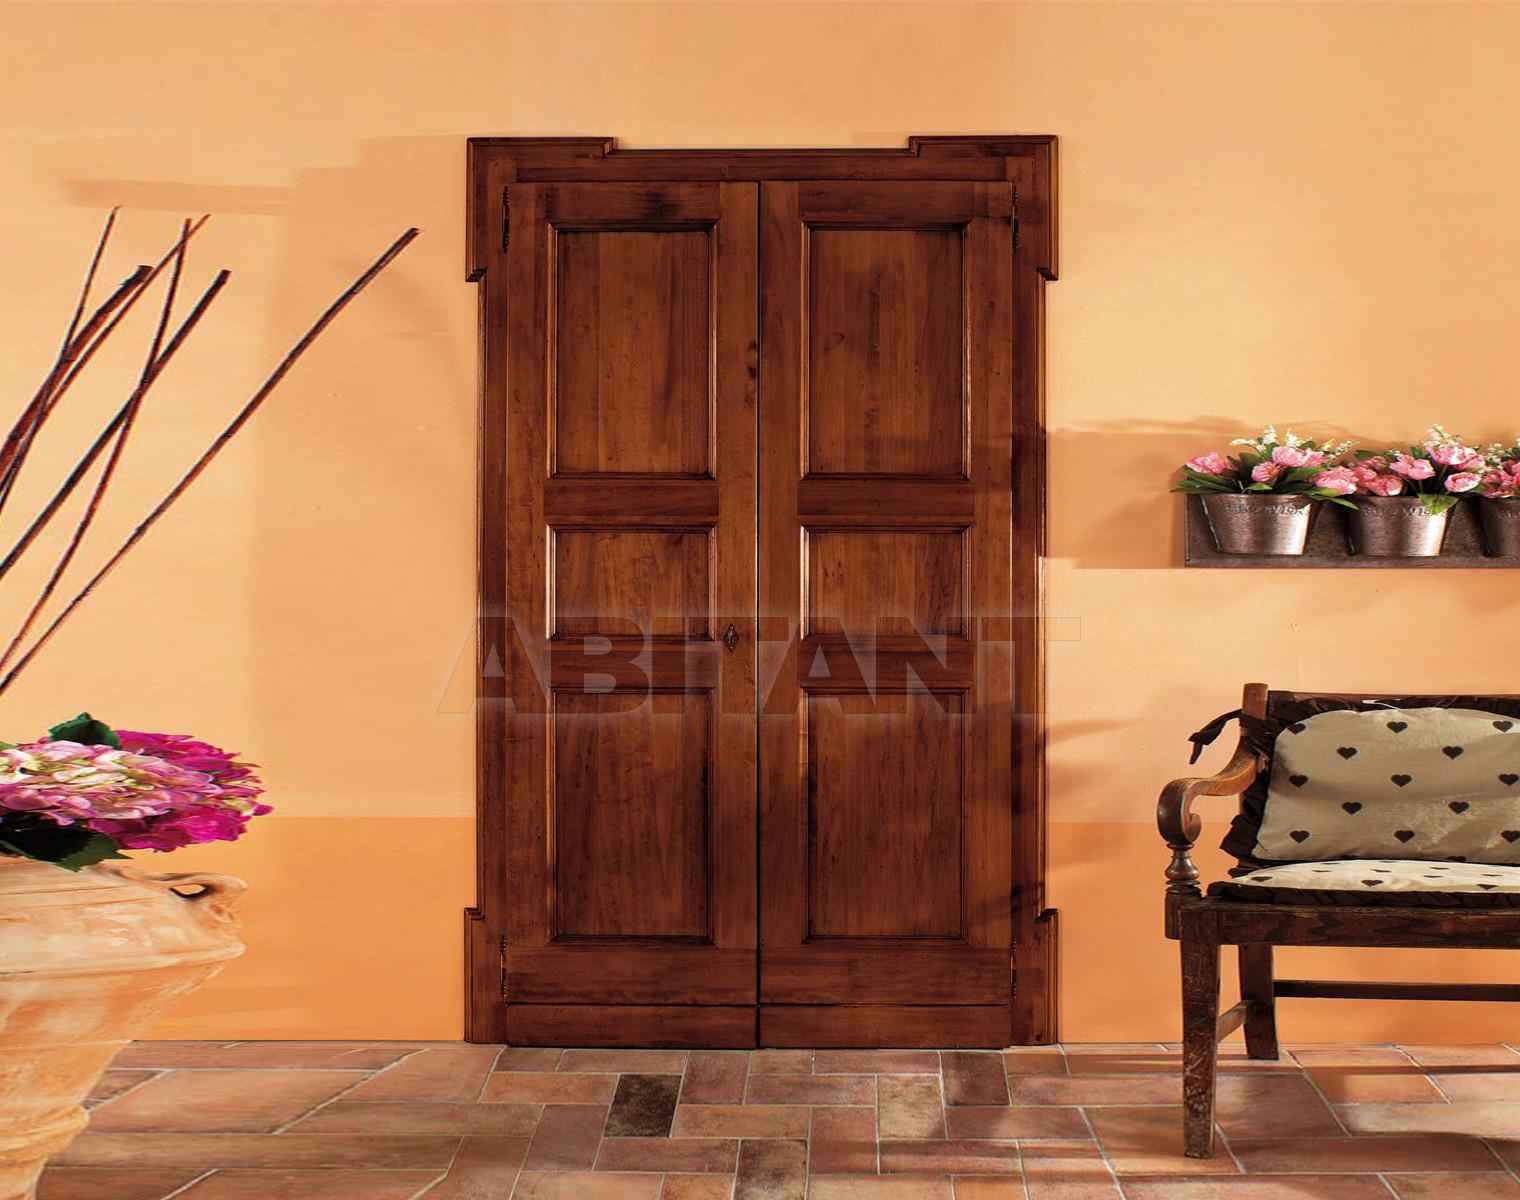 Купить Дверь двухстворчатая Tiferno Mobili Dinasie T2MAD03 pag. = 78